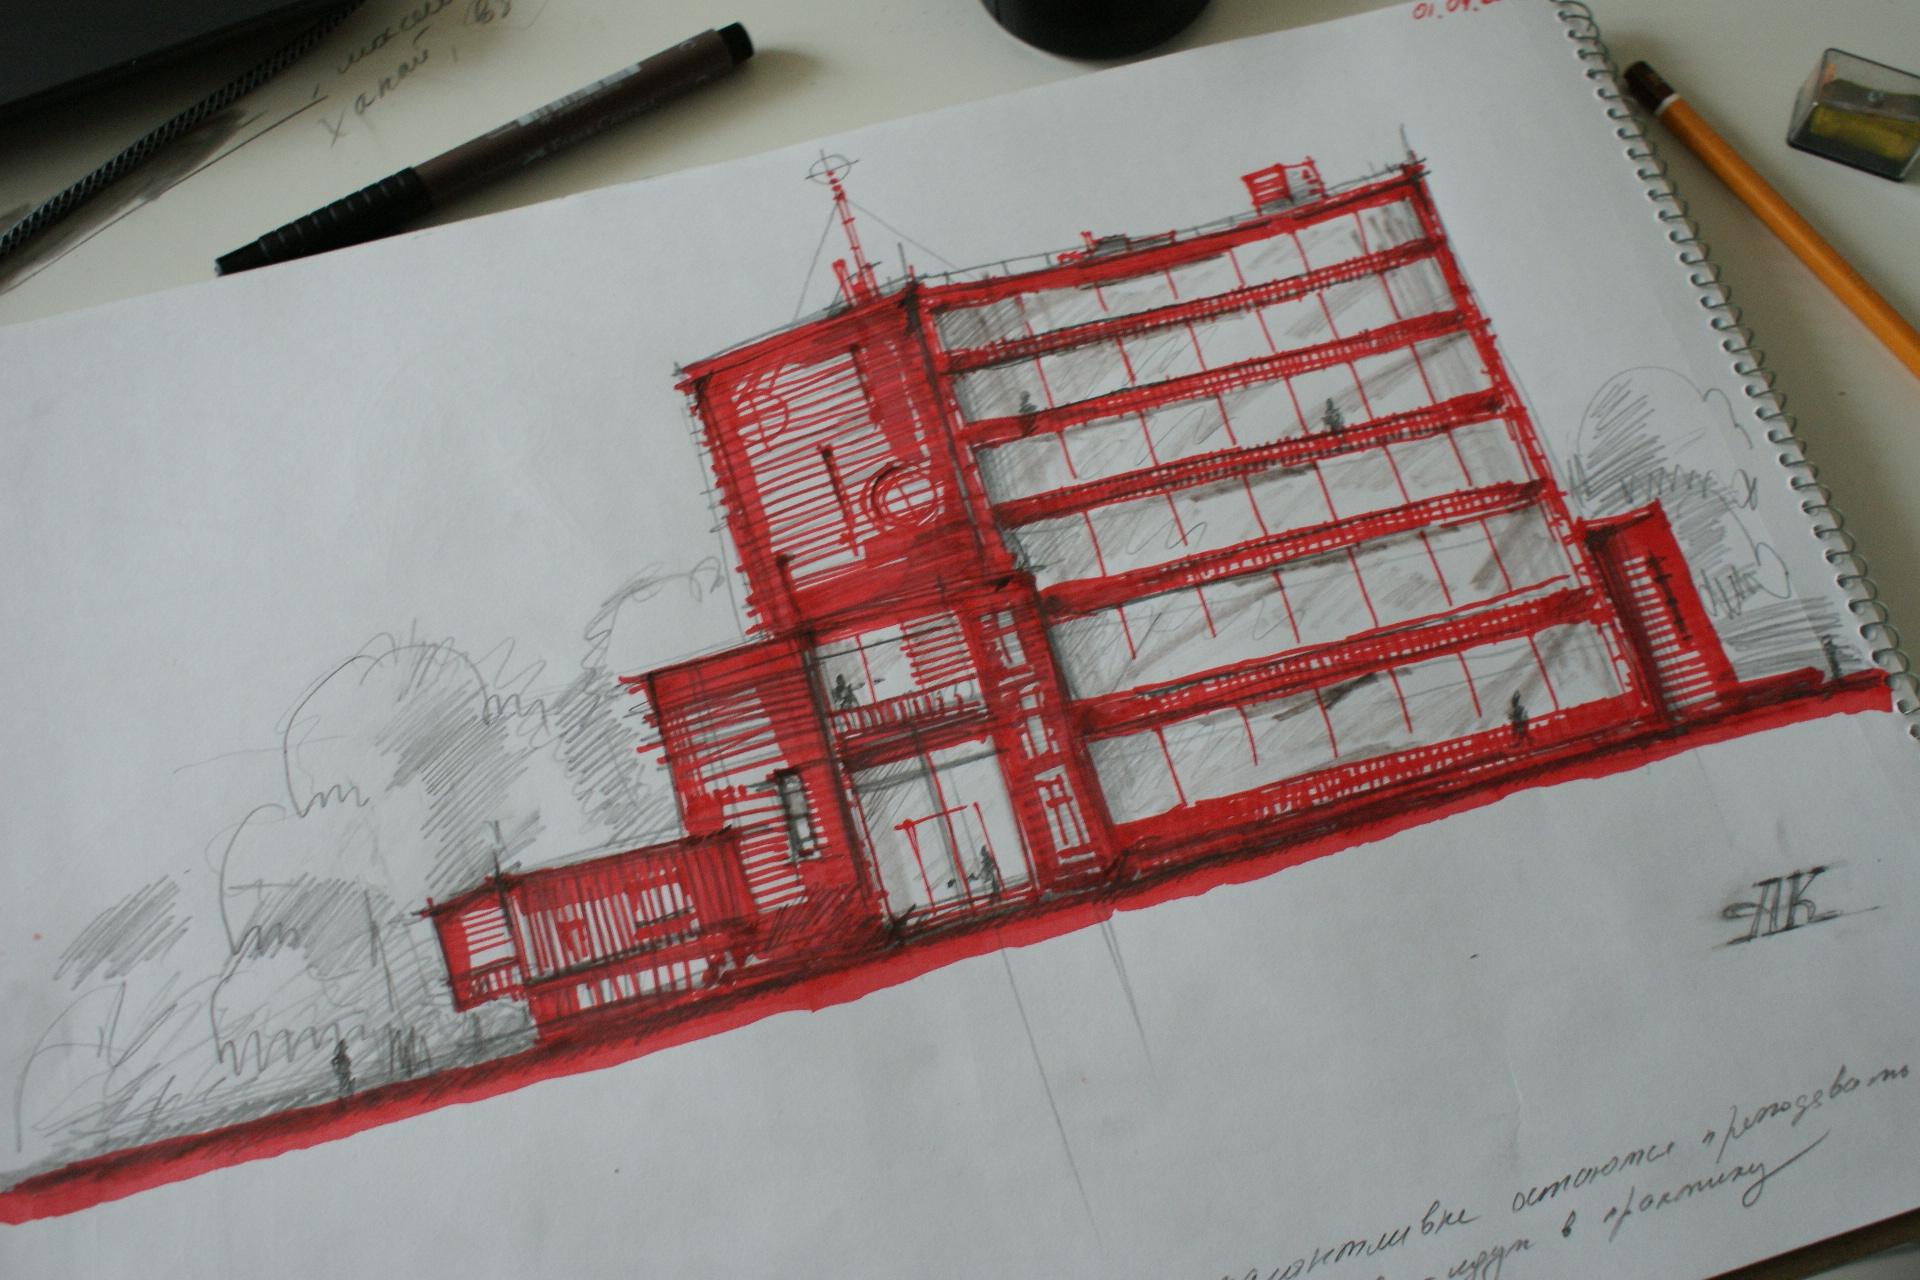 Энергоэффективный жилой дом средней этажности, выполненный из деревянных конструкций. Клаузура- поиск образного решения. Автор — Антон Коста